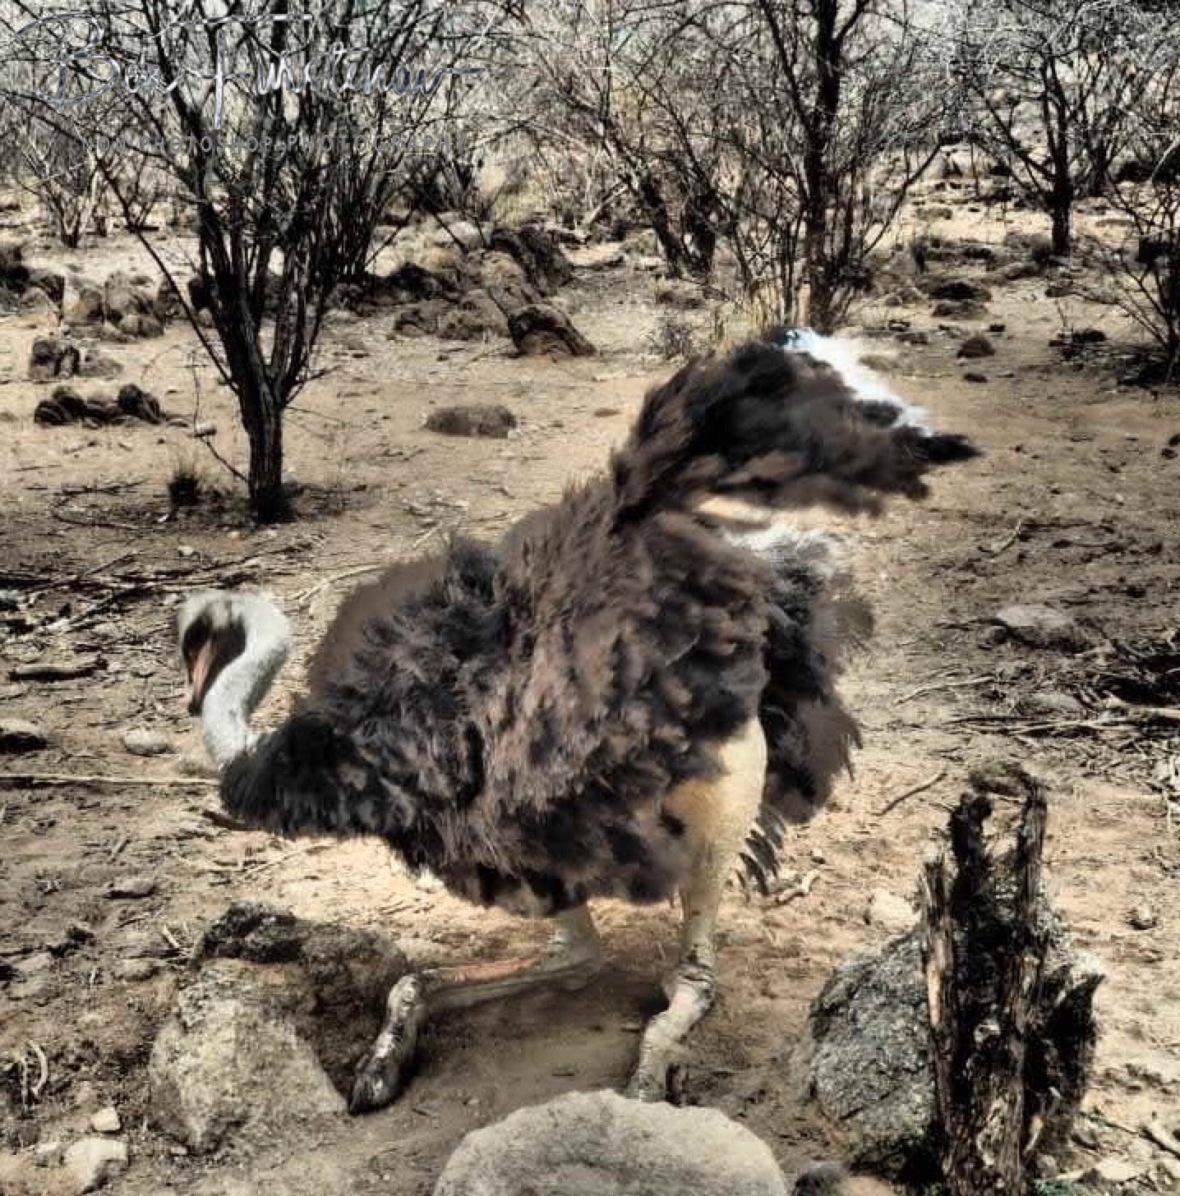 Shake it, shake it!, Oppi Koppi, Kamanjab, Namibia